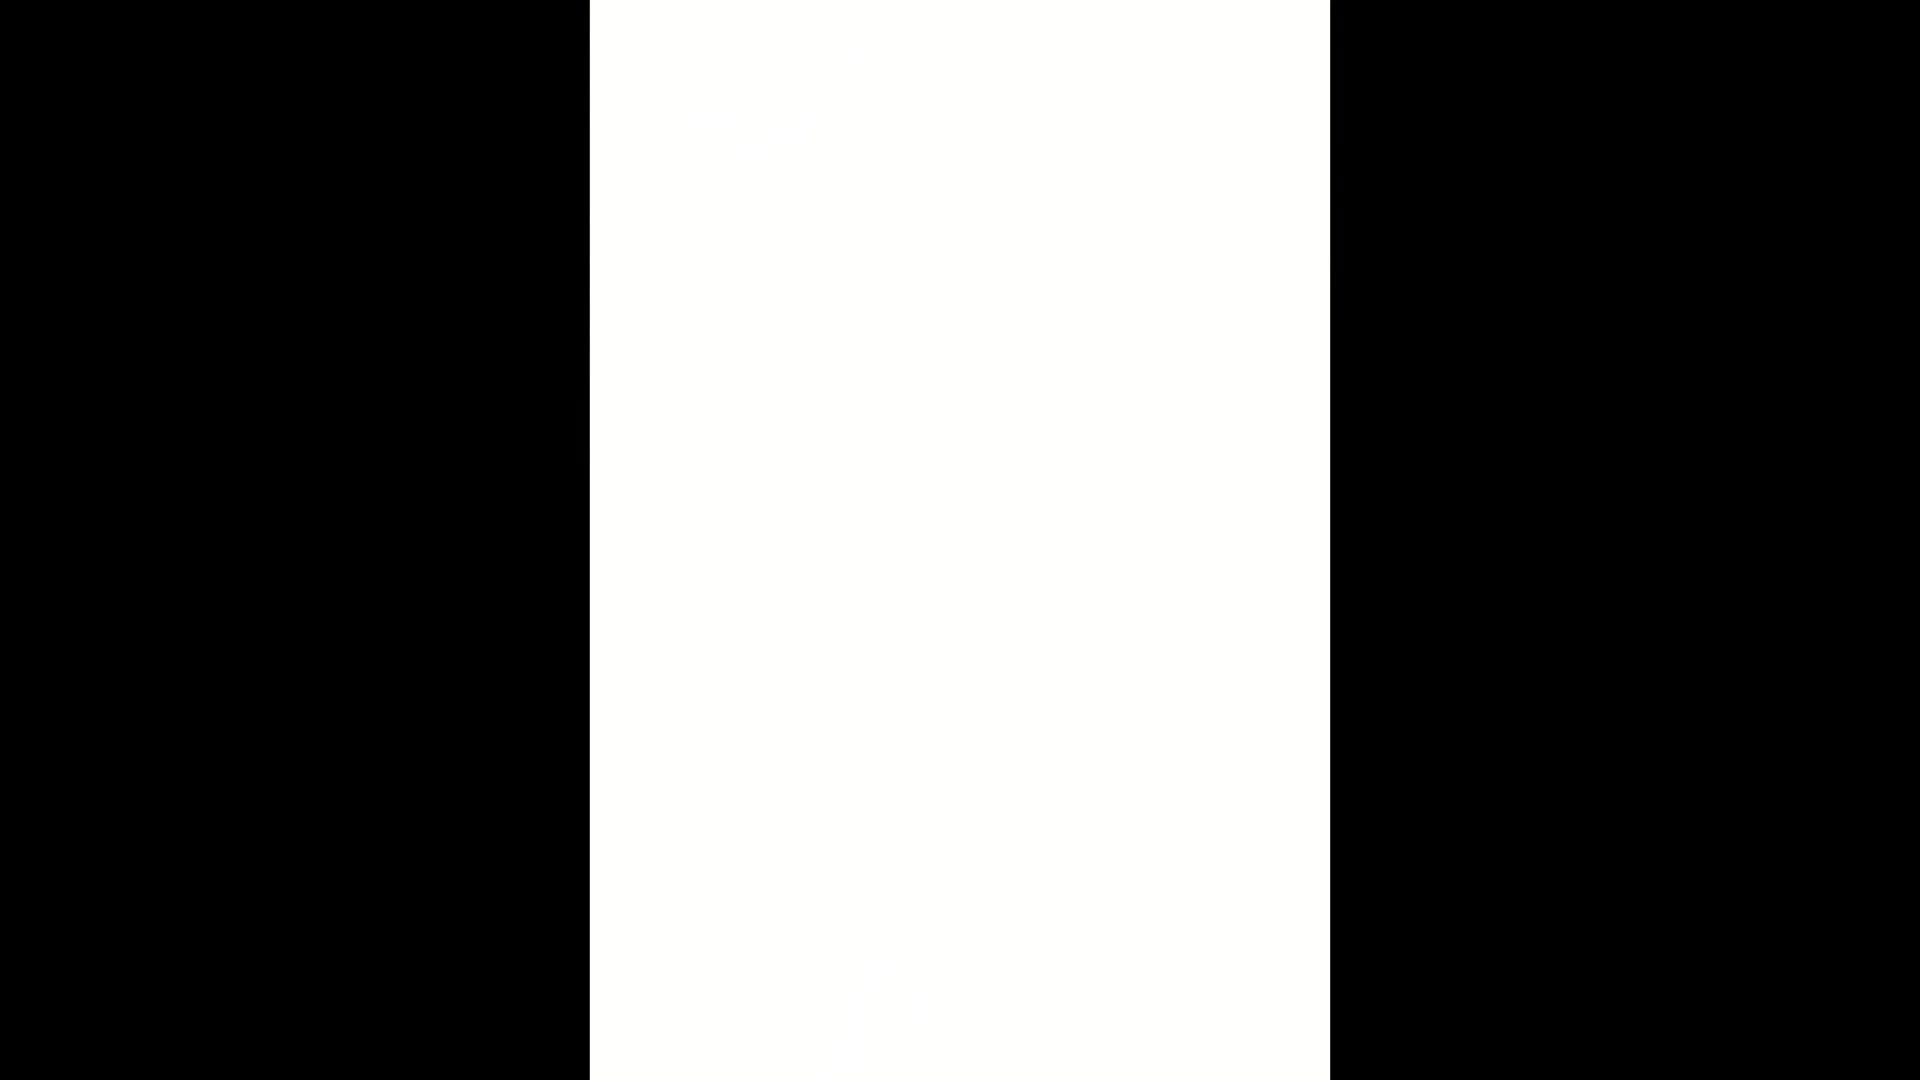 個人撮影 自慰の極意 Vol.31 個人撮影 ゲイ精子画像 109画像 104